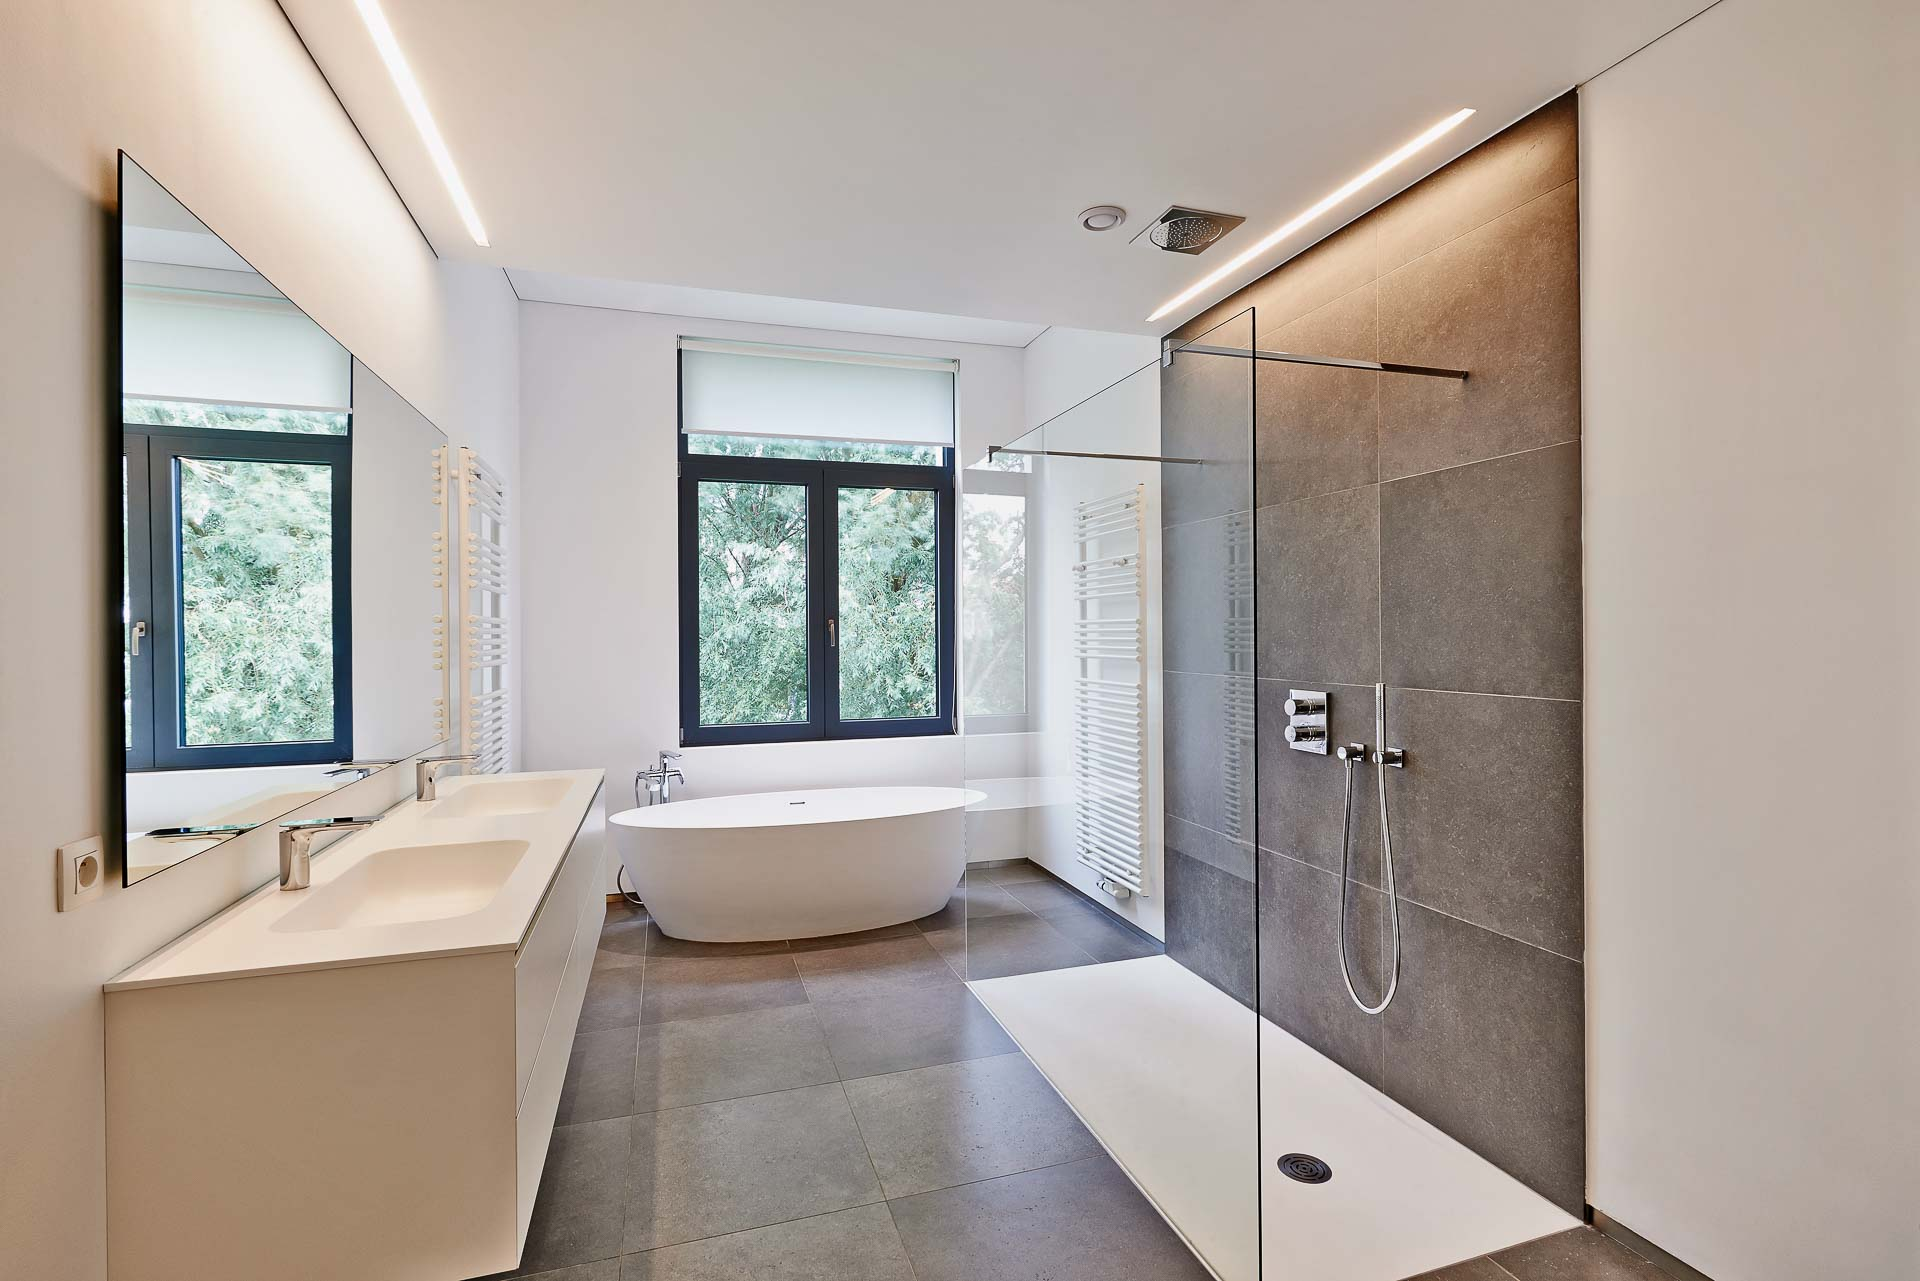 Specialist in badkamer en toilet renovatie - JACO Limburg